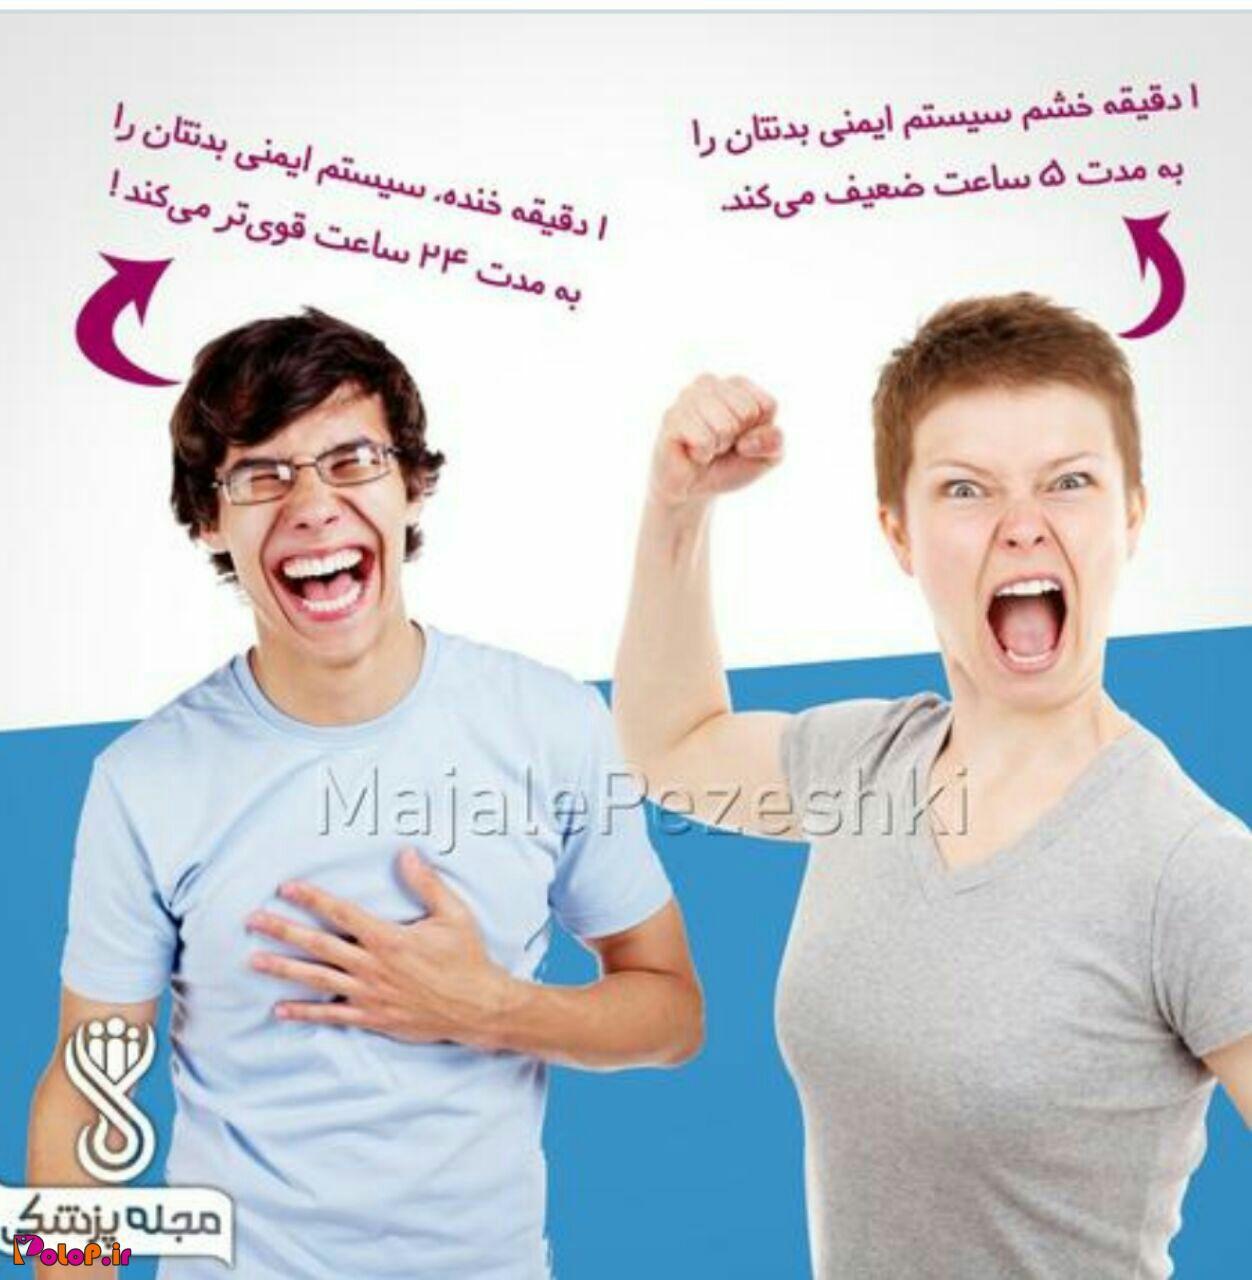 1 دقیقه خشم سیستم ایمنی بدنتان را به مدت 5 ساعت ضعیف میکند